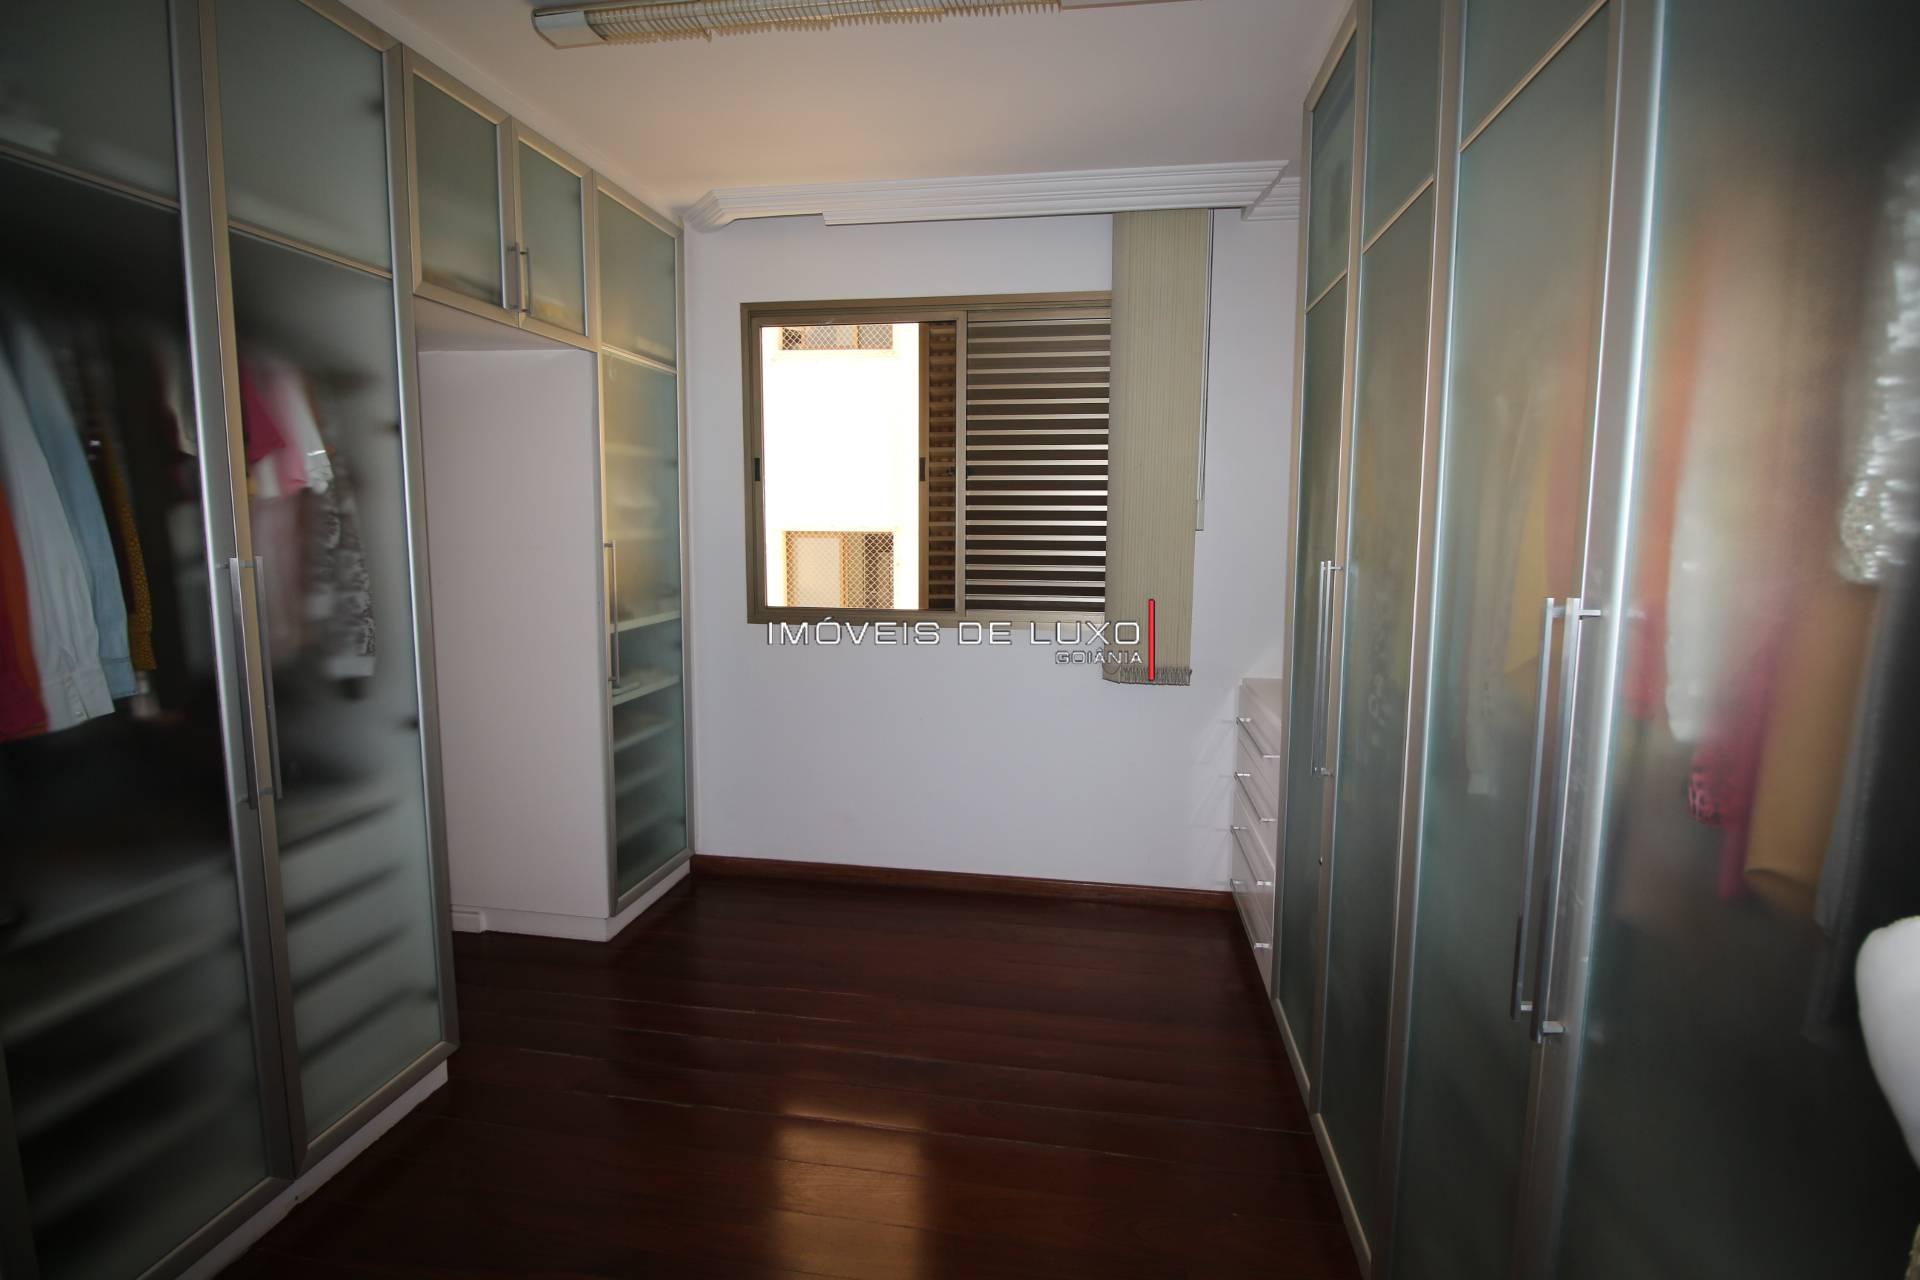 Imóveis de Luxo - Apartamento ao lado da praça T 25 com 3 suítes